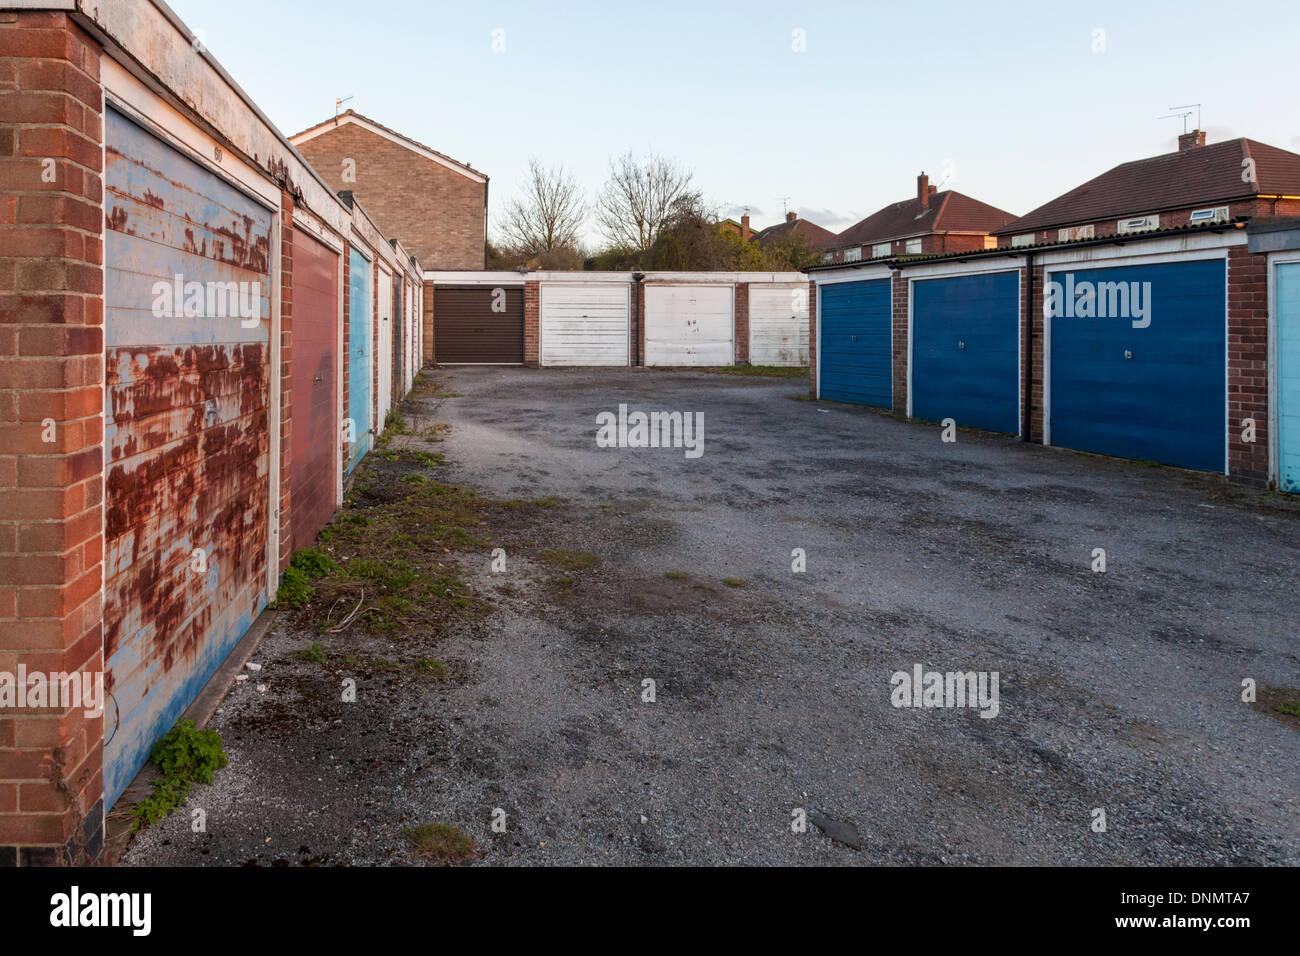 Bloqueos. Un grupo de Lock up garajes en una urbanización, Nottinghamshire, Inglaterra, Reino Unido. Imagen De Stock